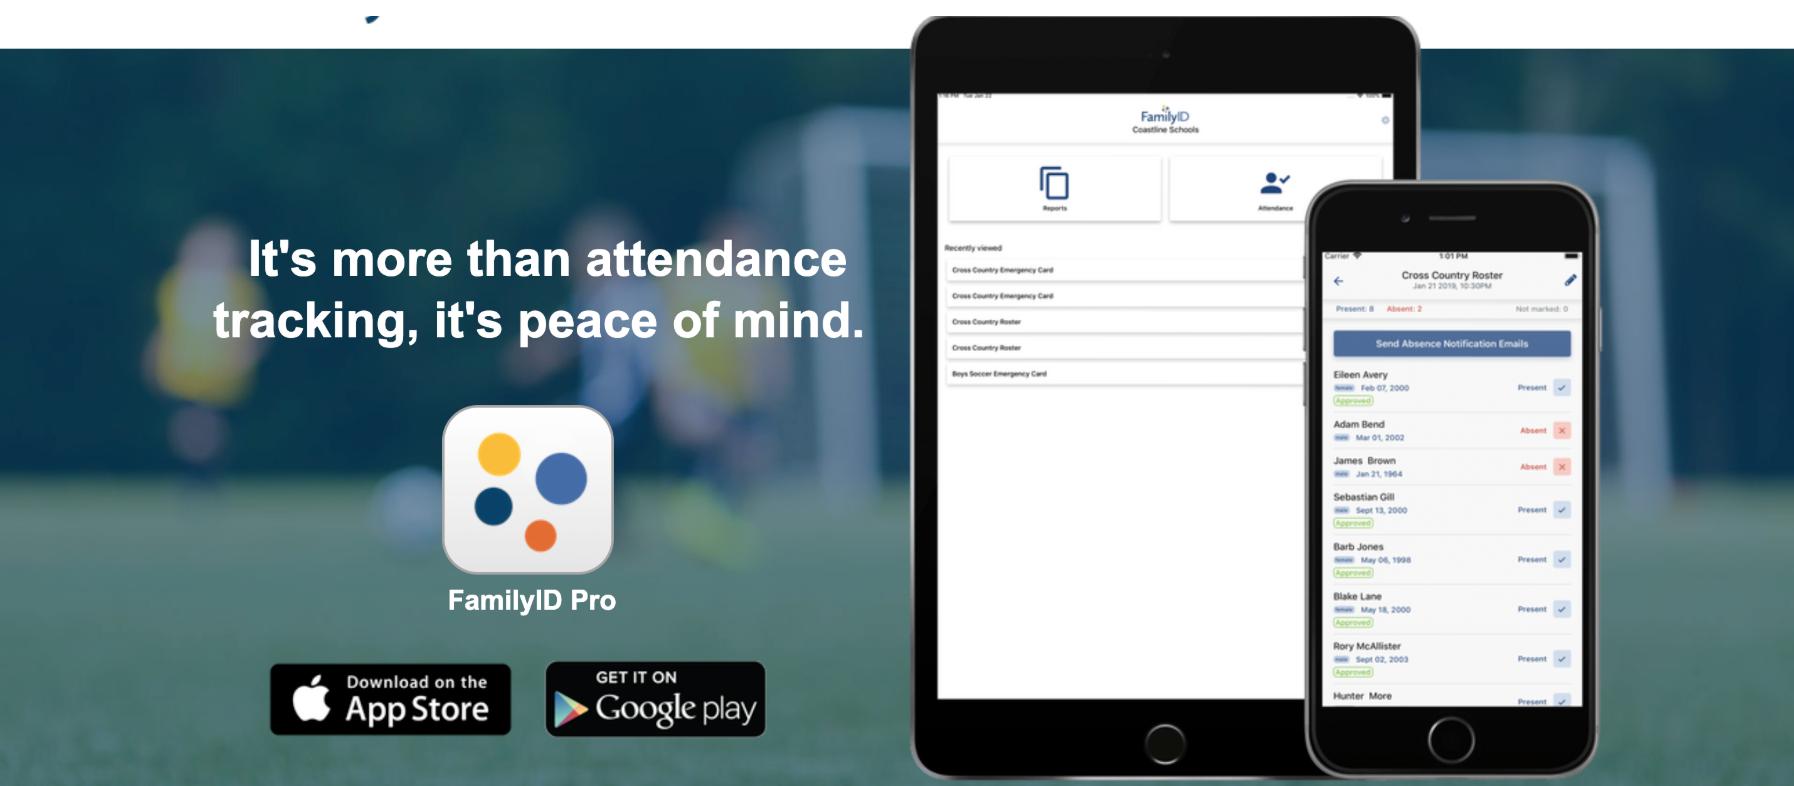 fid-pro-app.png